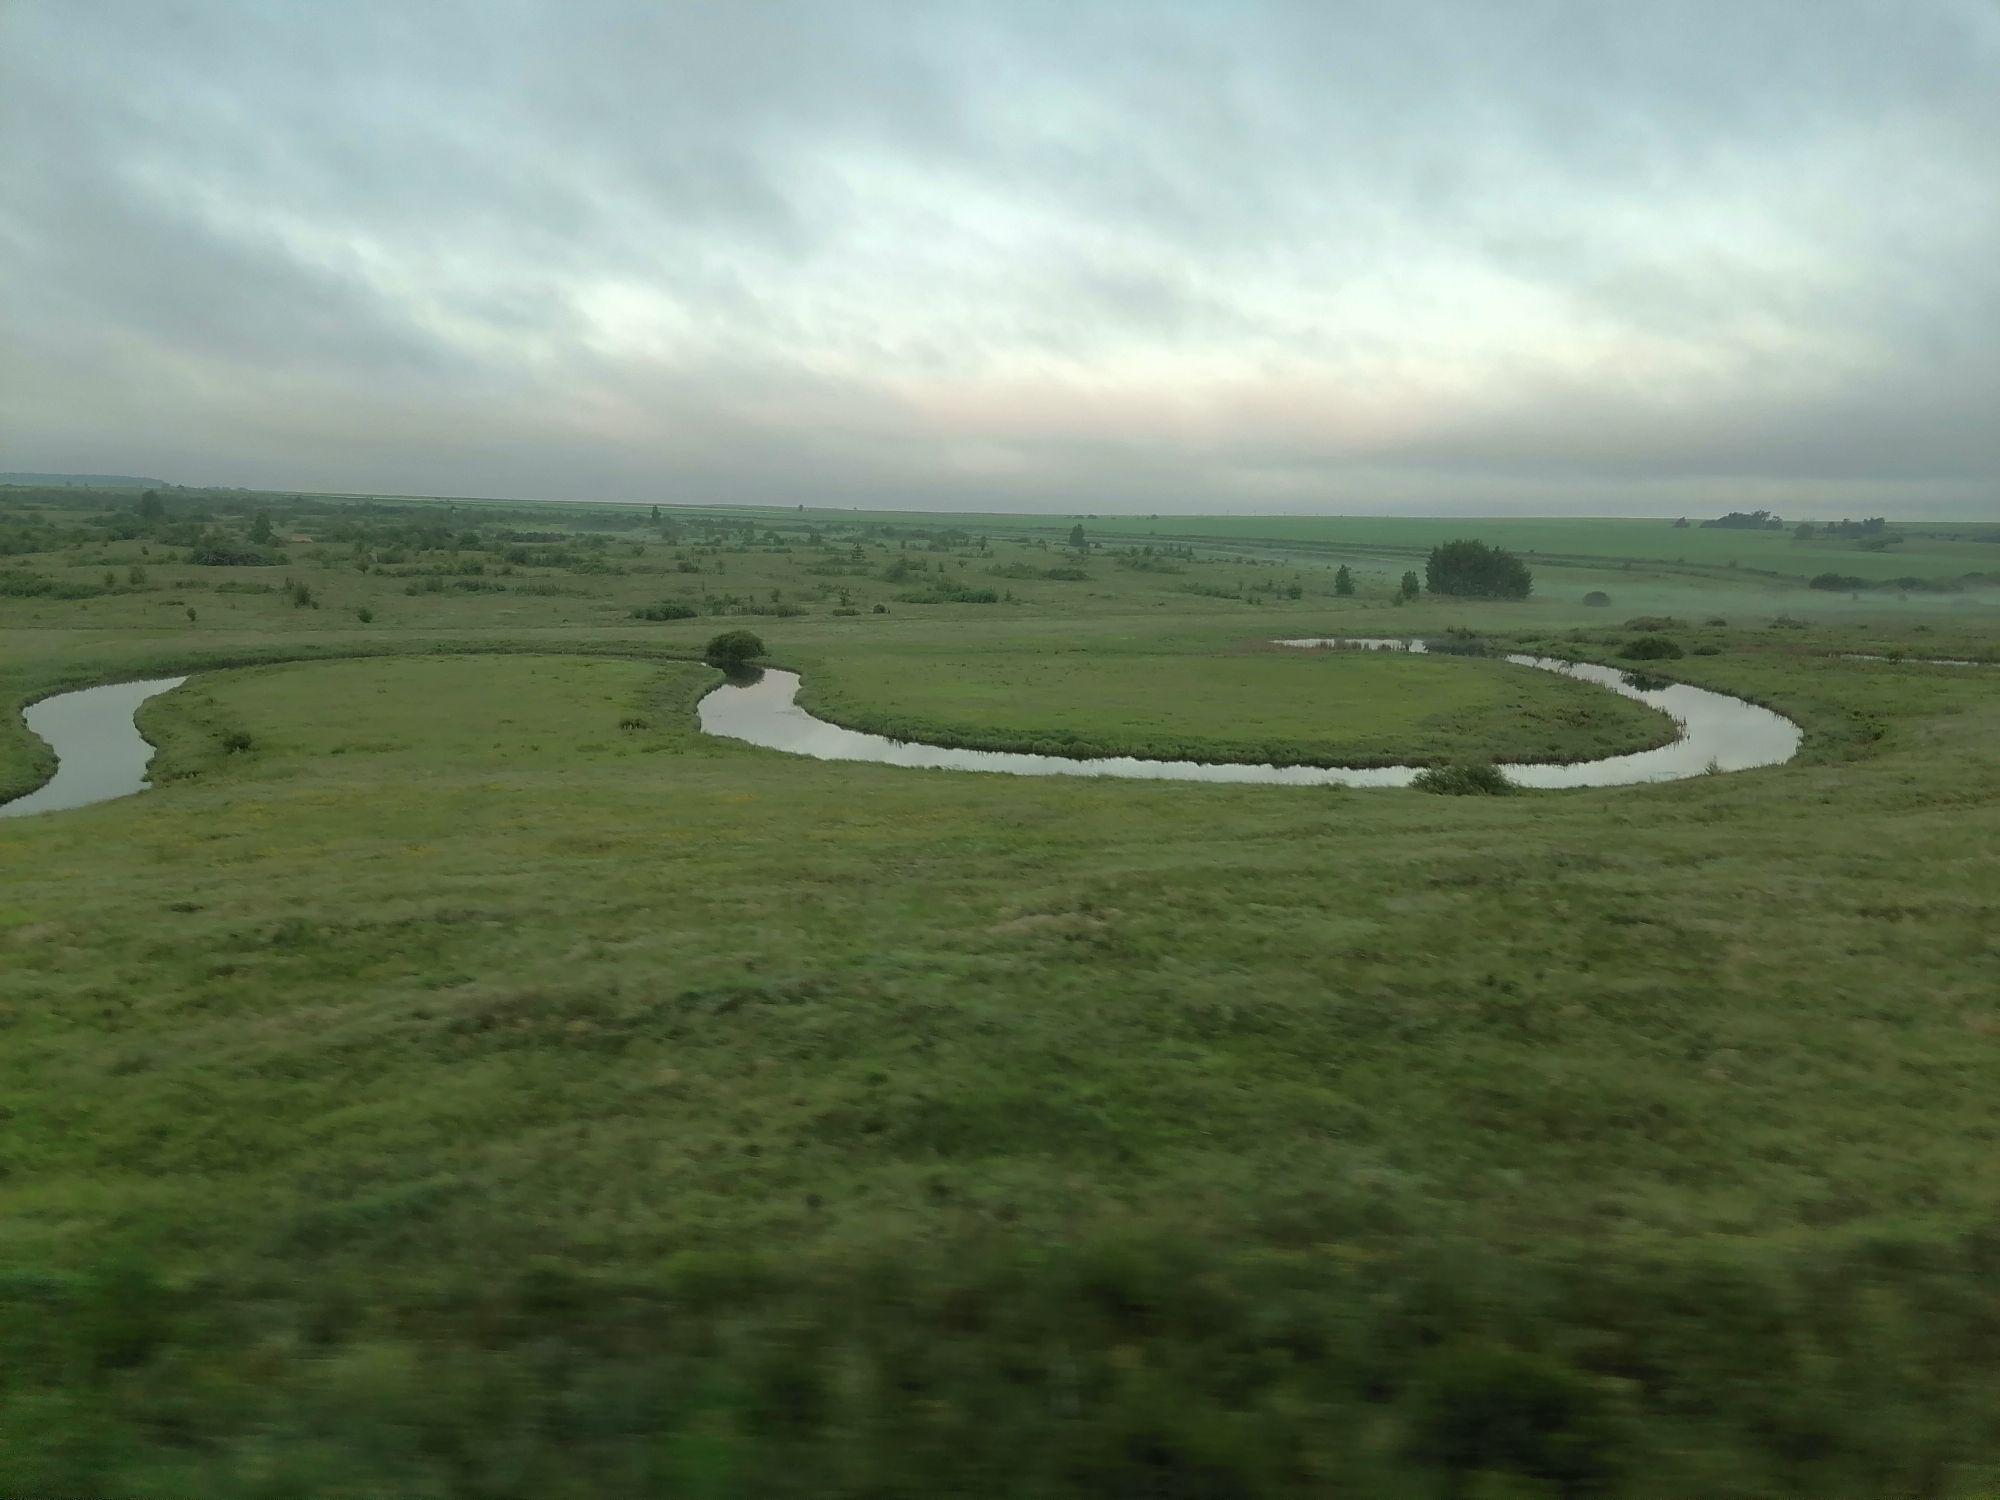 Из окна вагона: Лысогорский район Саратовской области